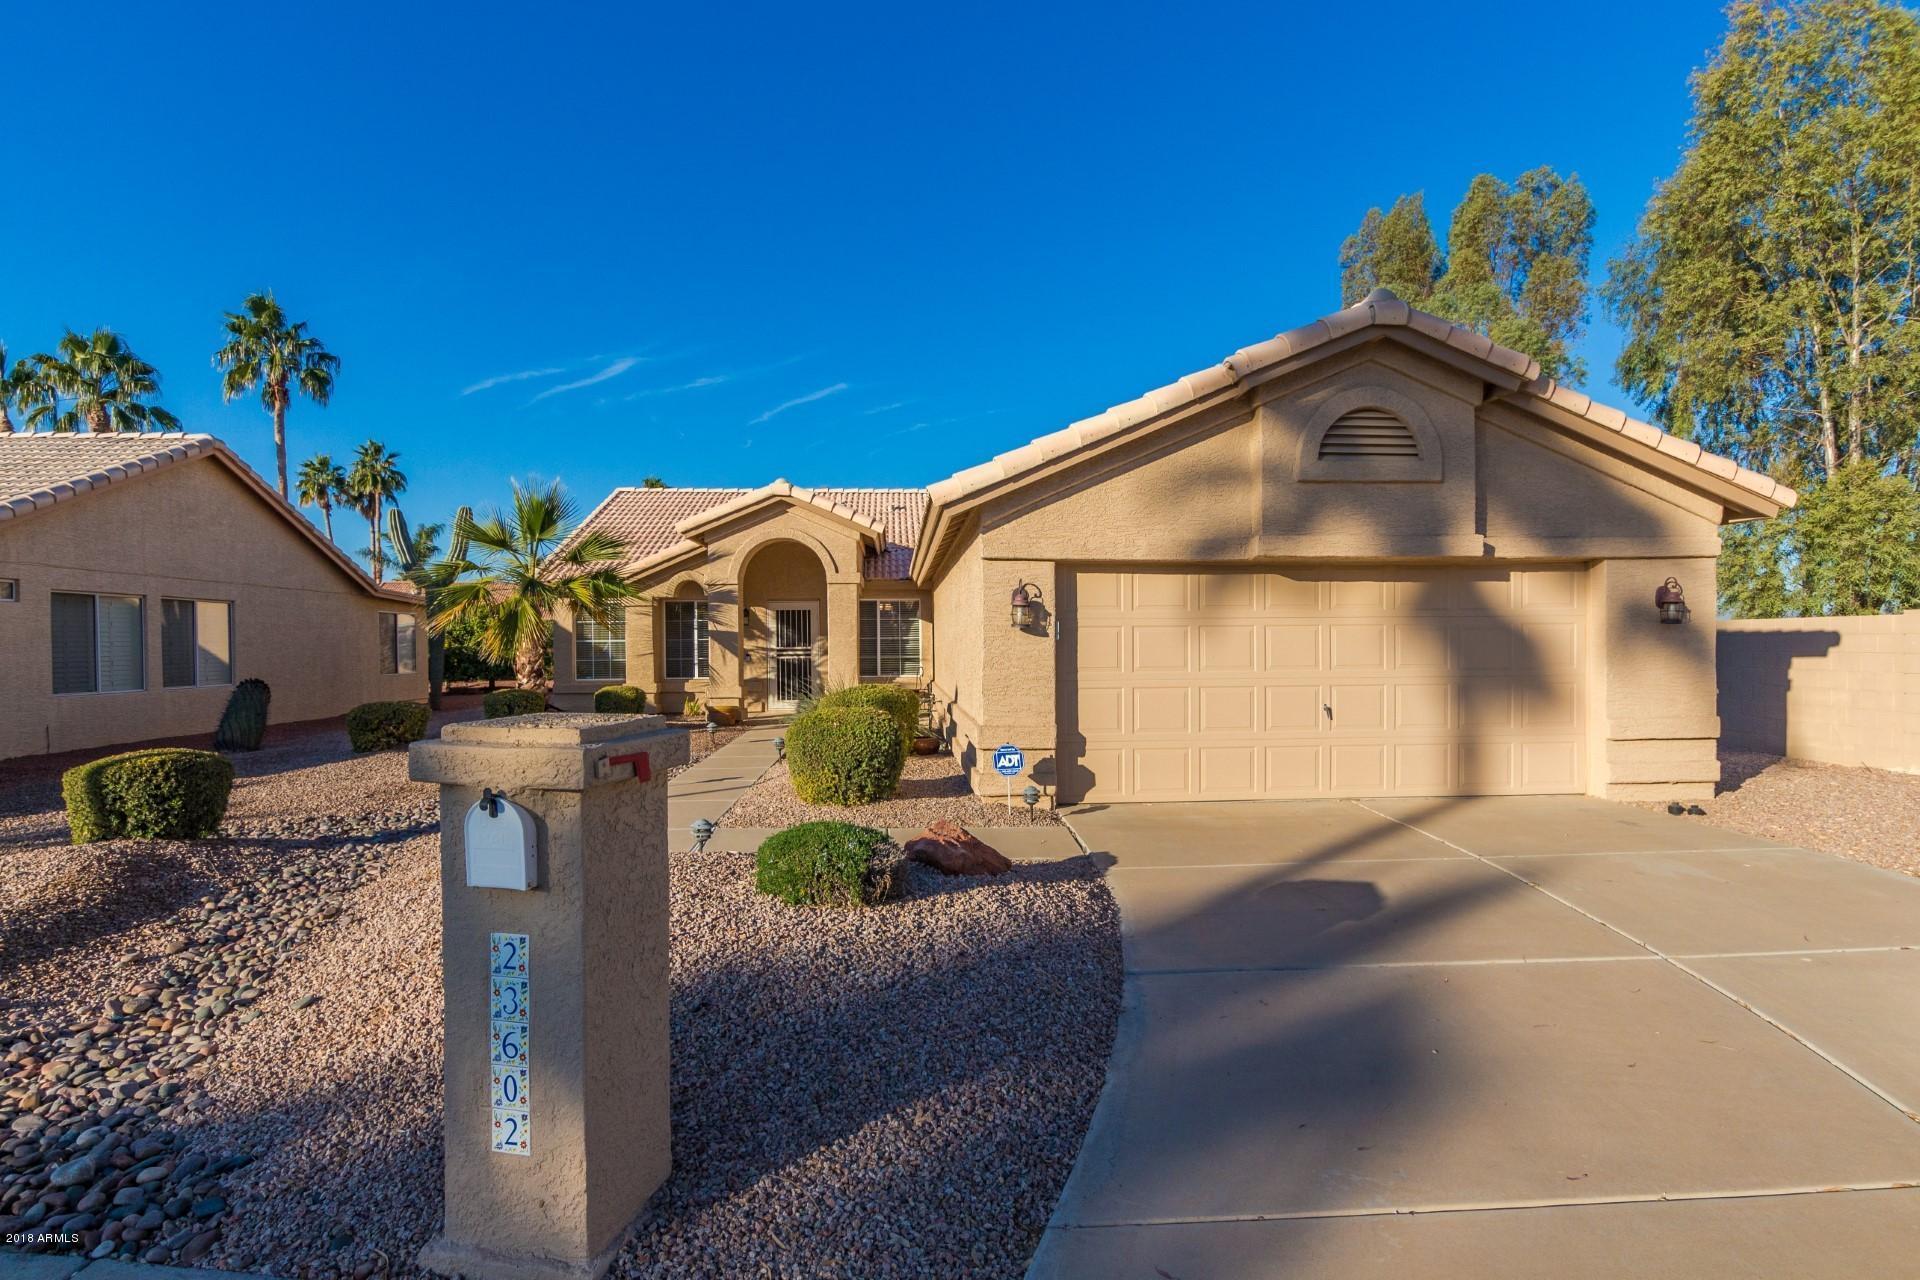 Photo for 23602 S Desert Dance Court, Sun Lakes, AZ 85248 (MLS # 5859359)